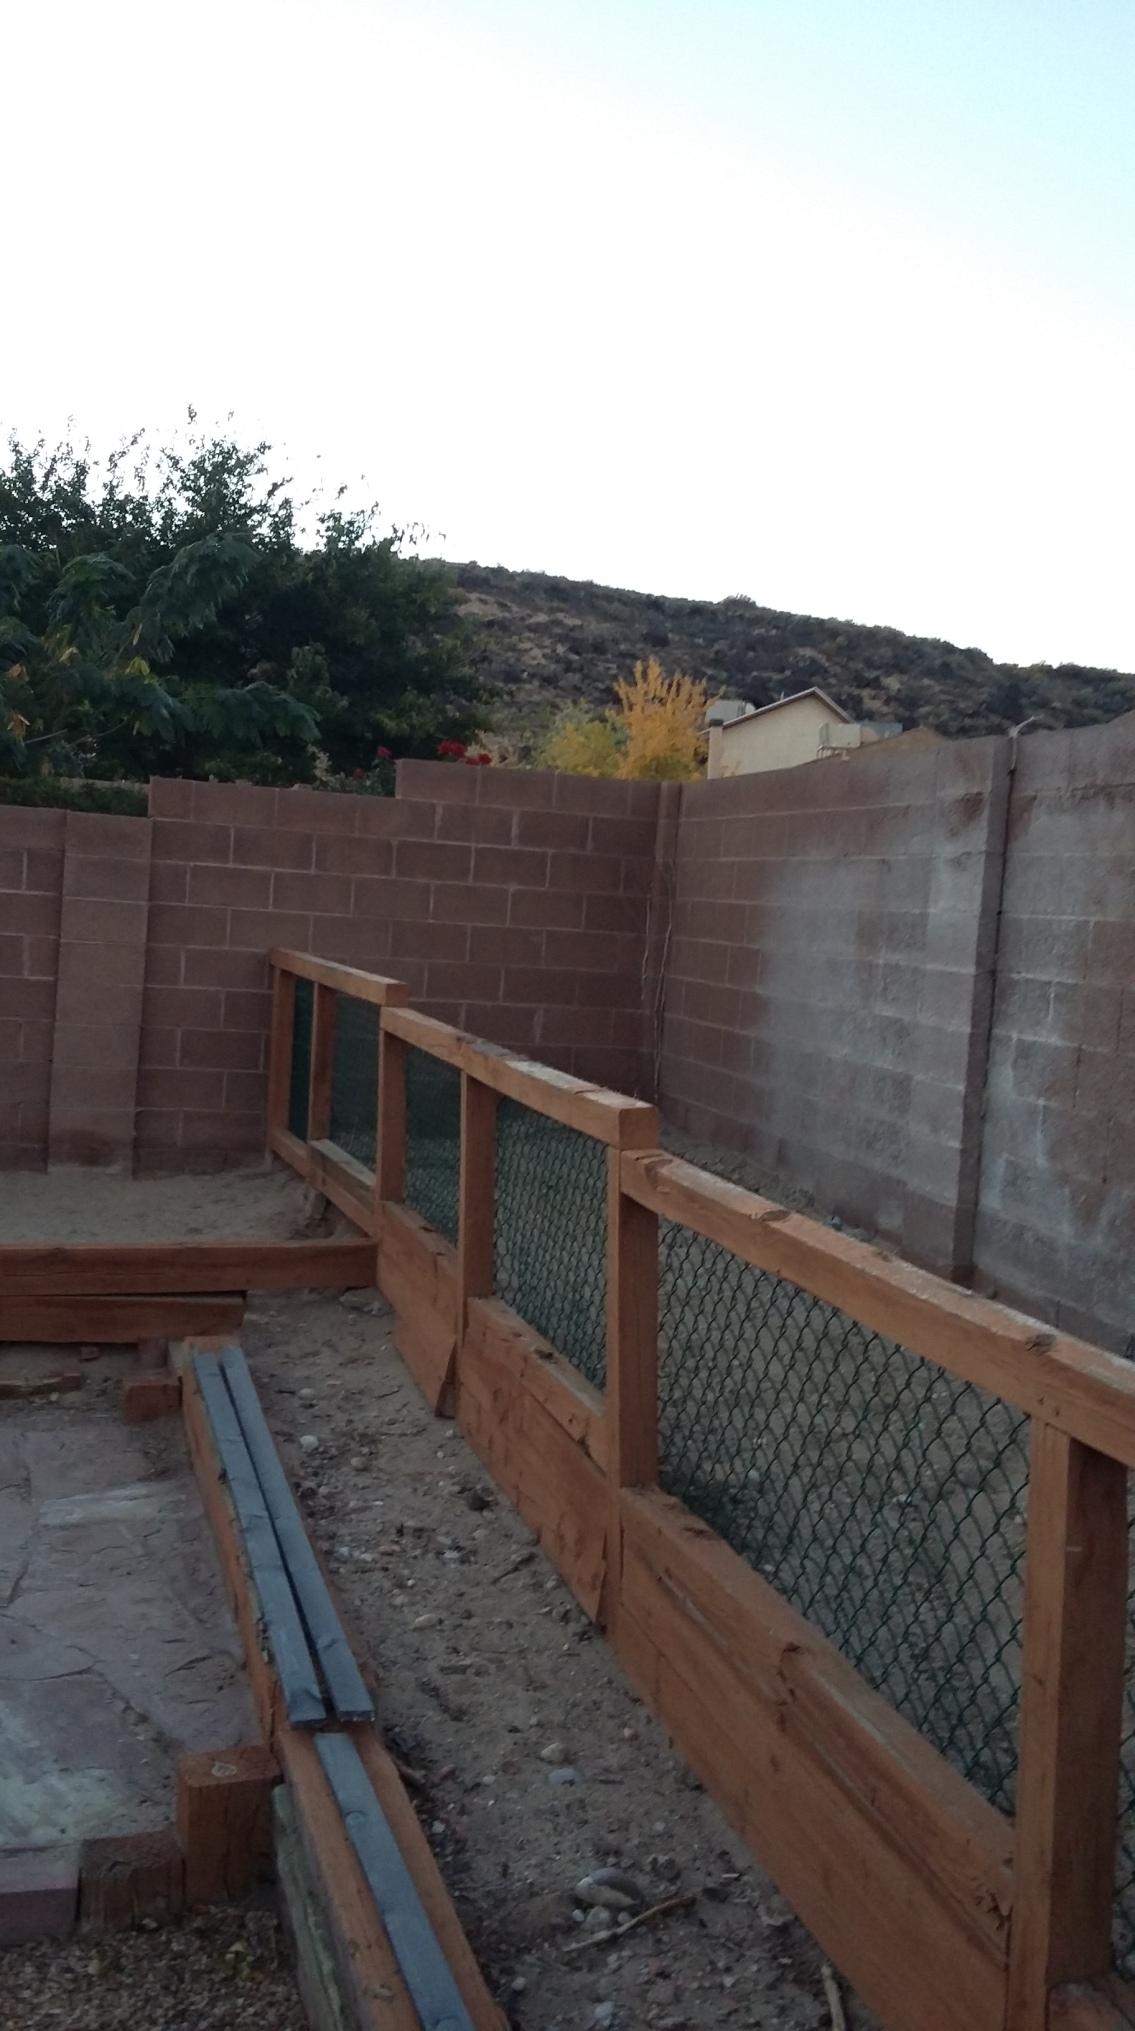 backyard beginnning 2